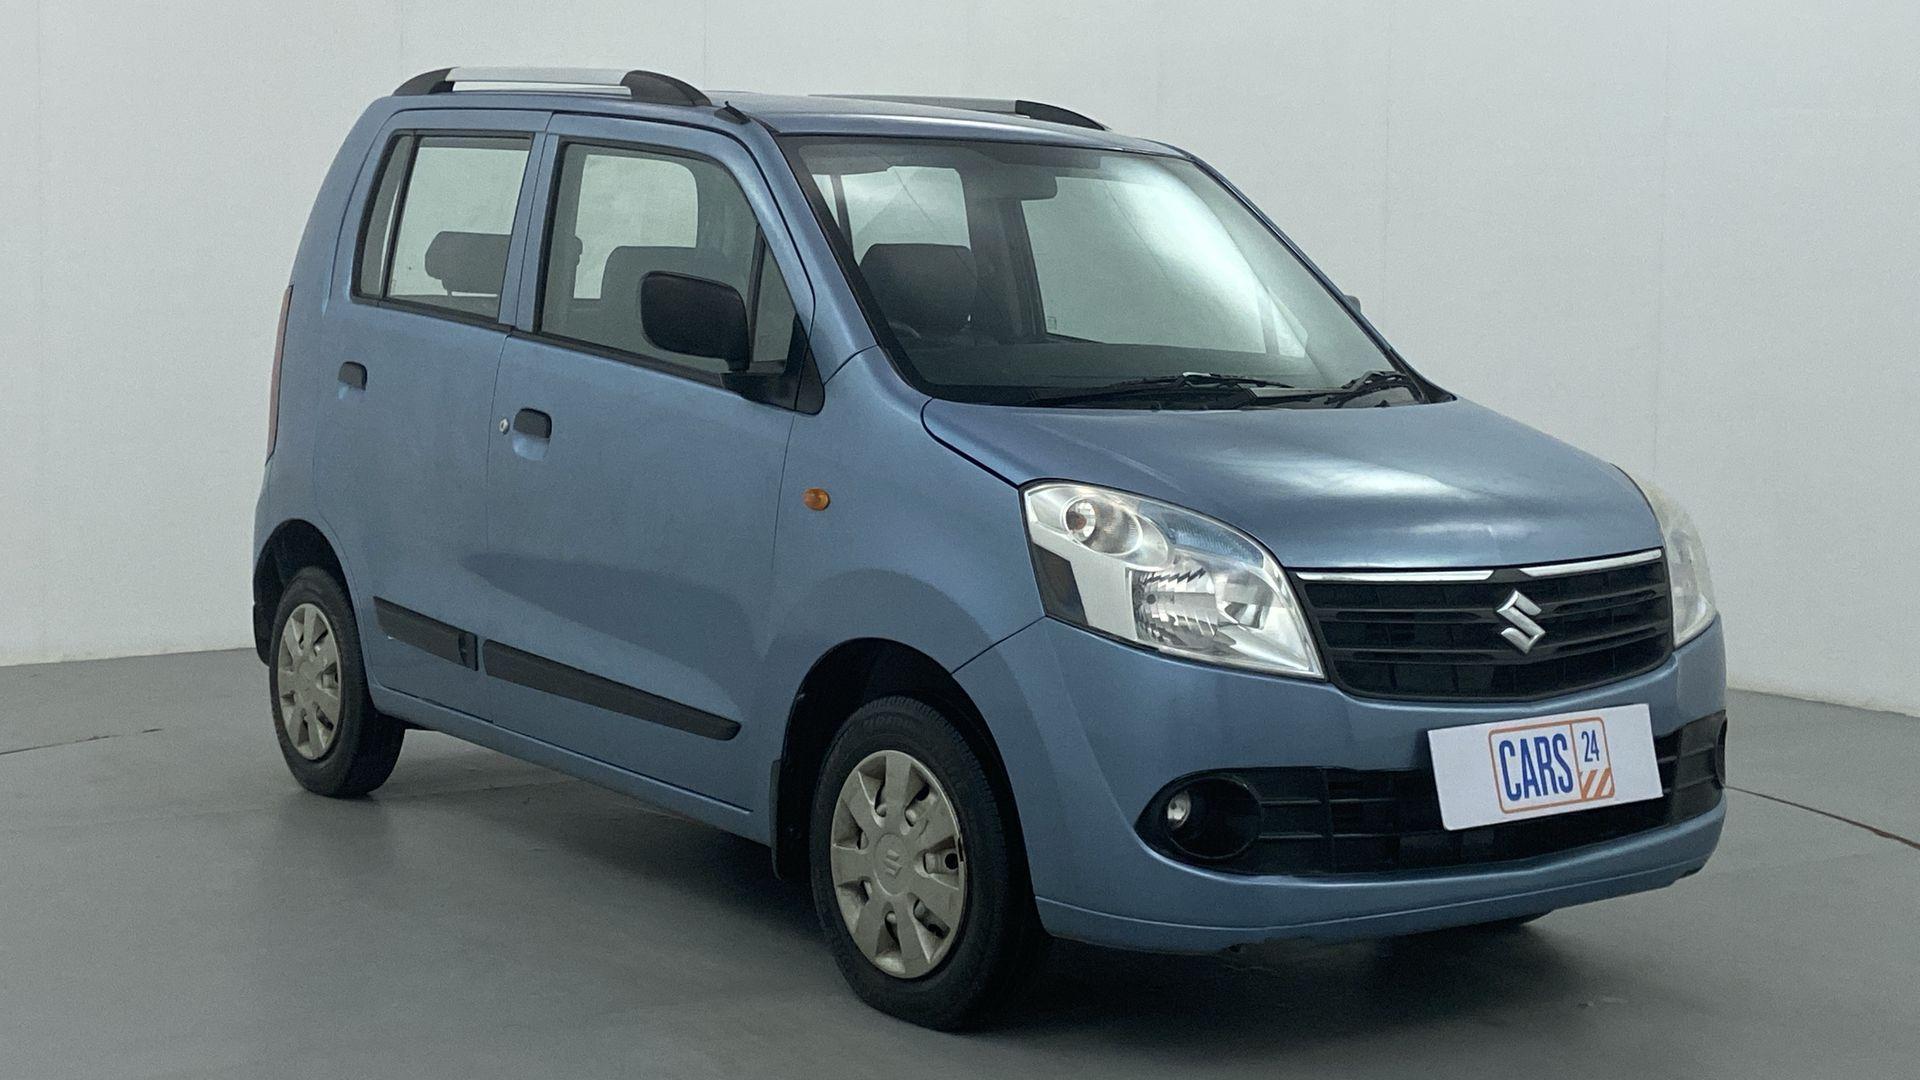 2012 Maruti Wagon R 1.0 LXI CNG